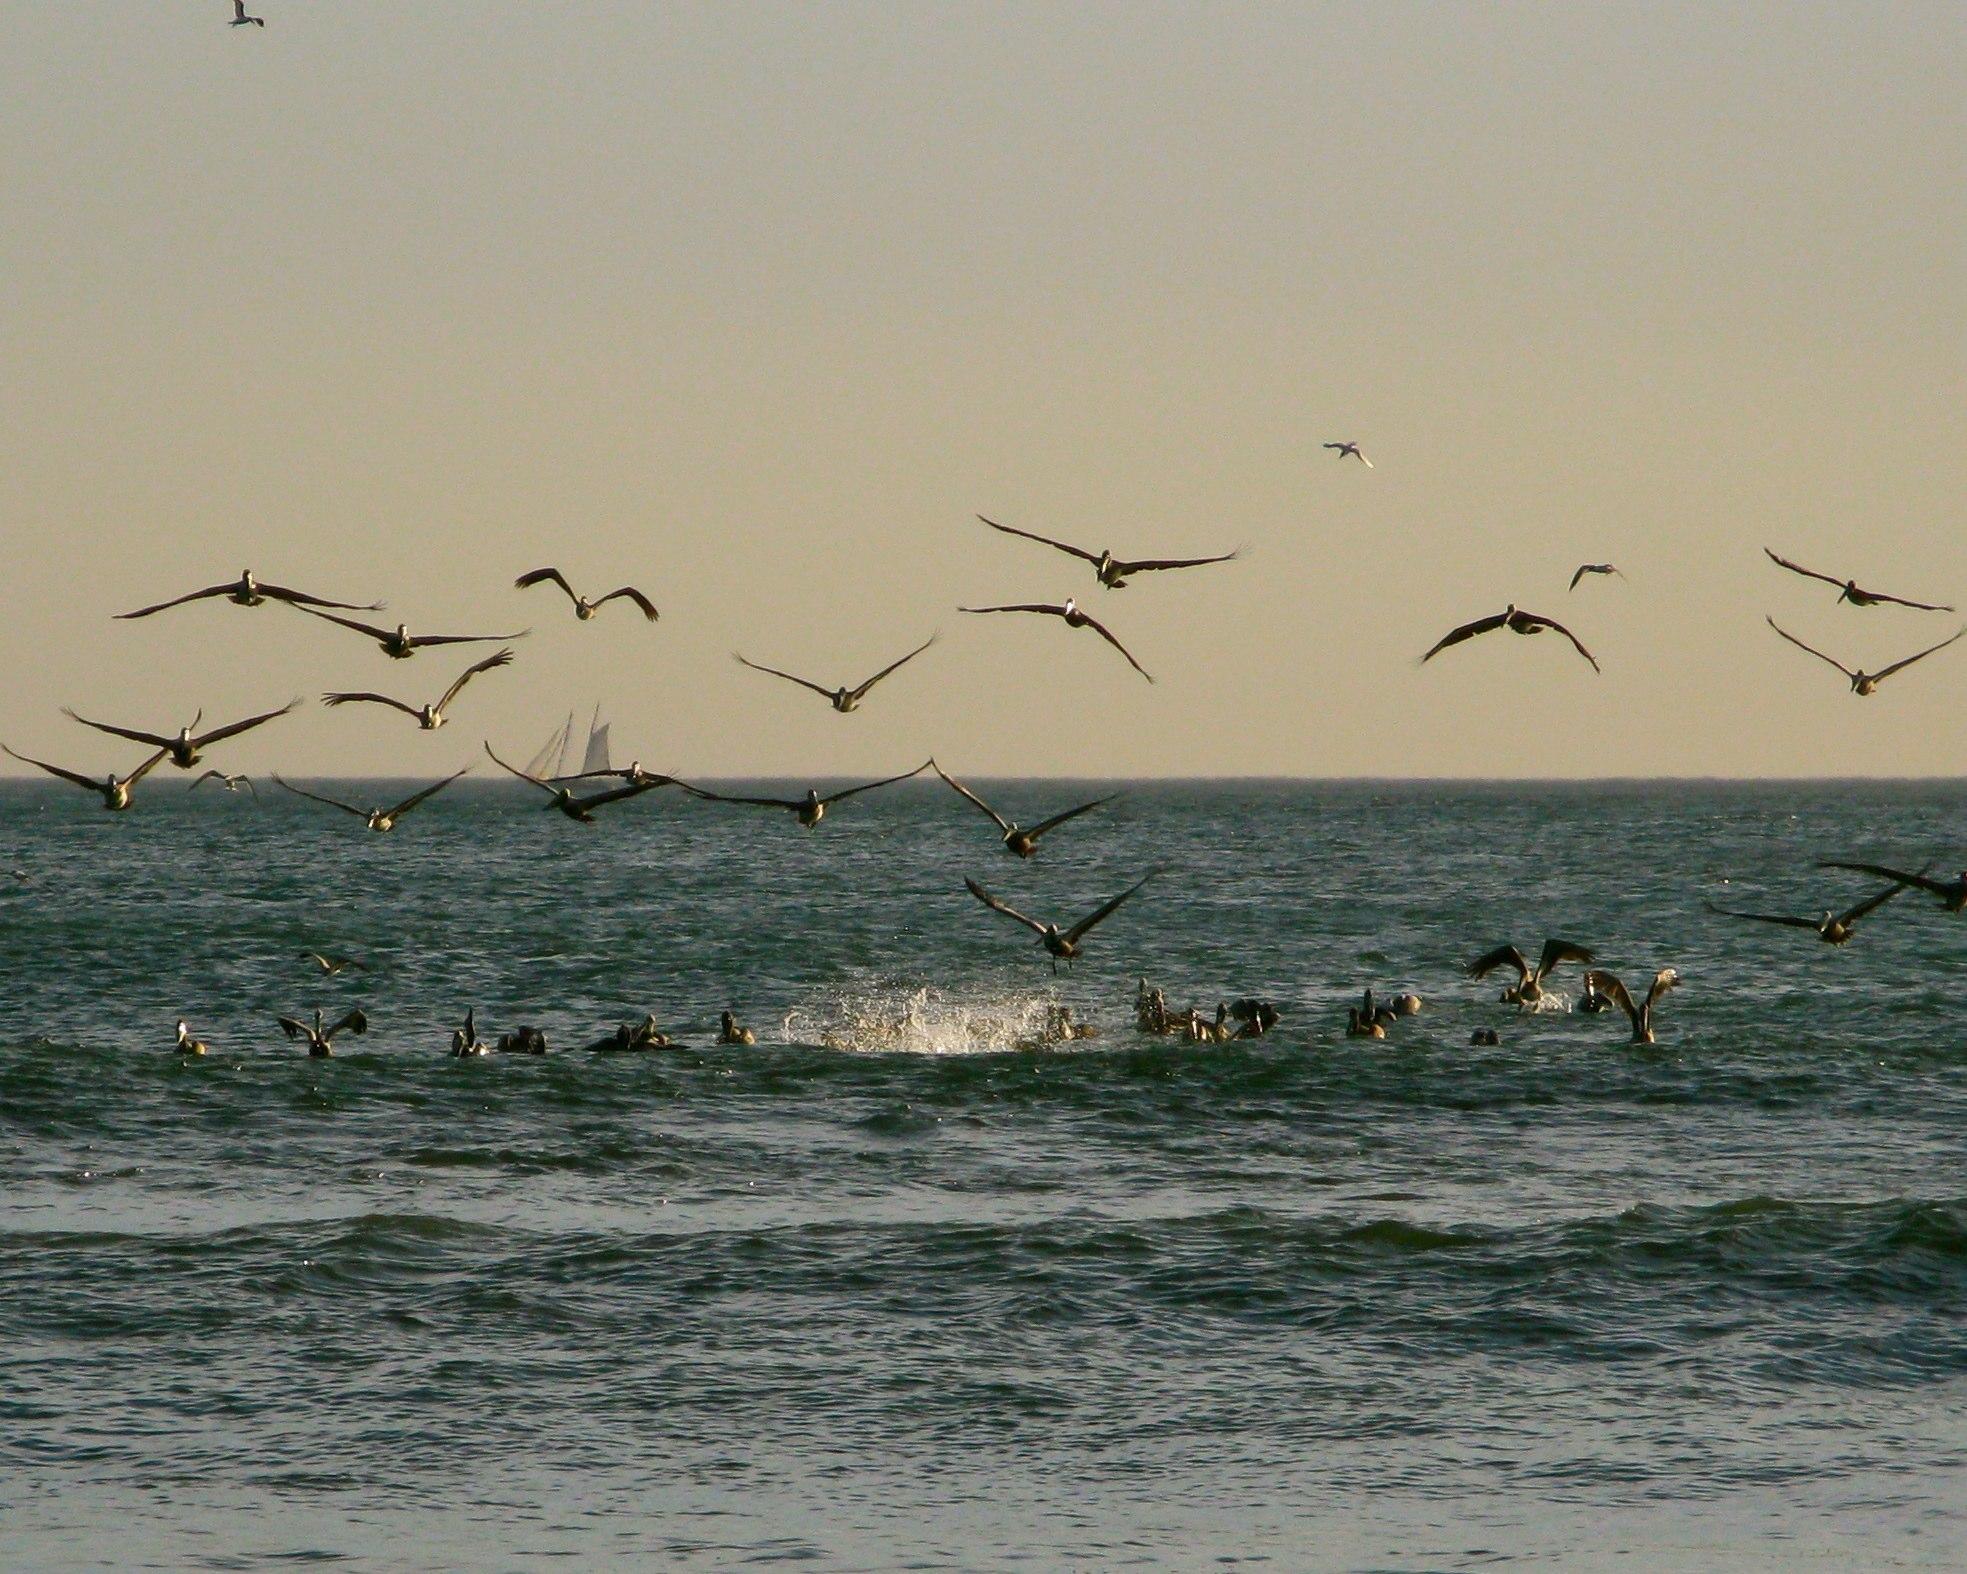 Posse of Pelicans | Playa Grande